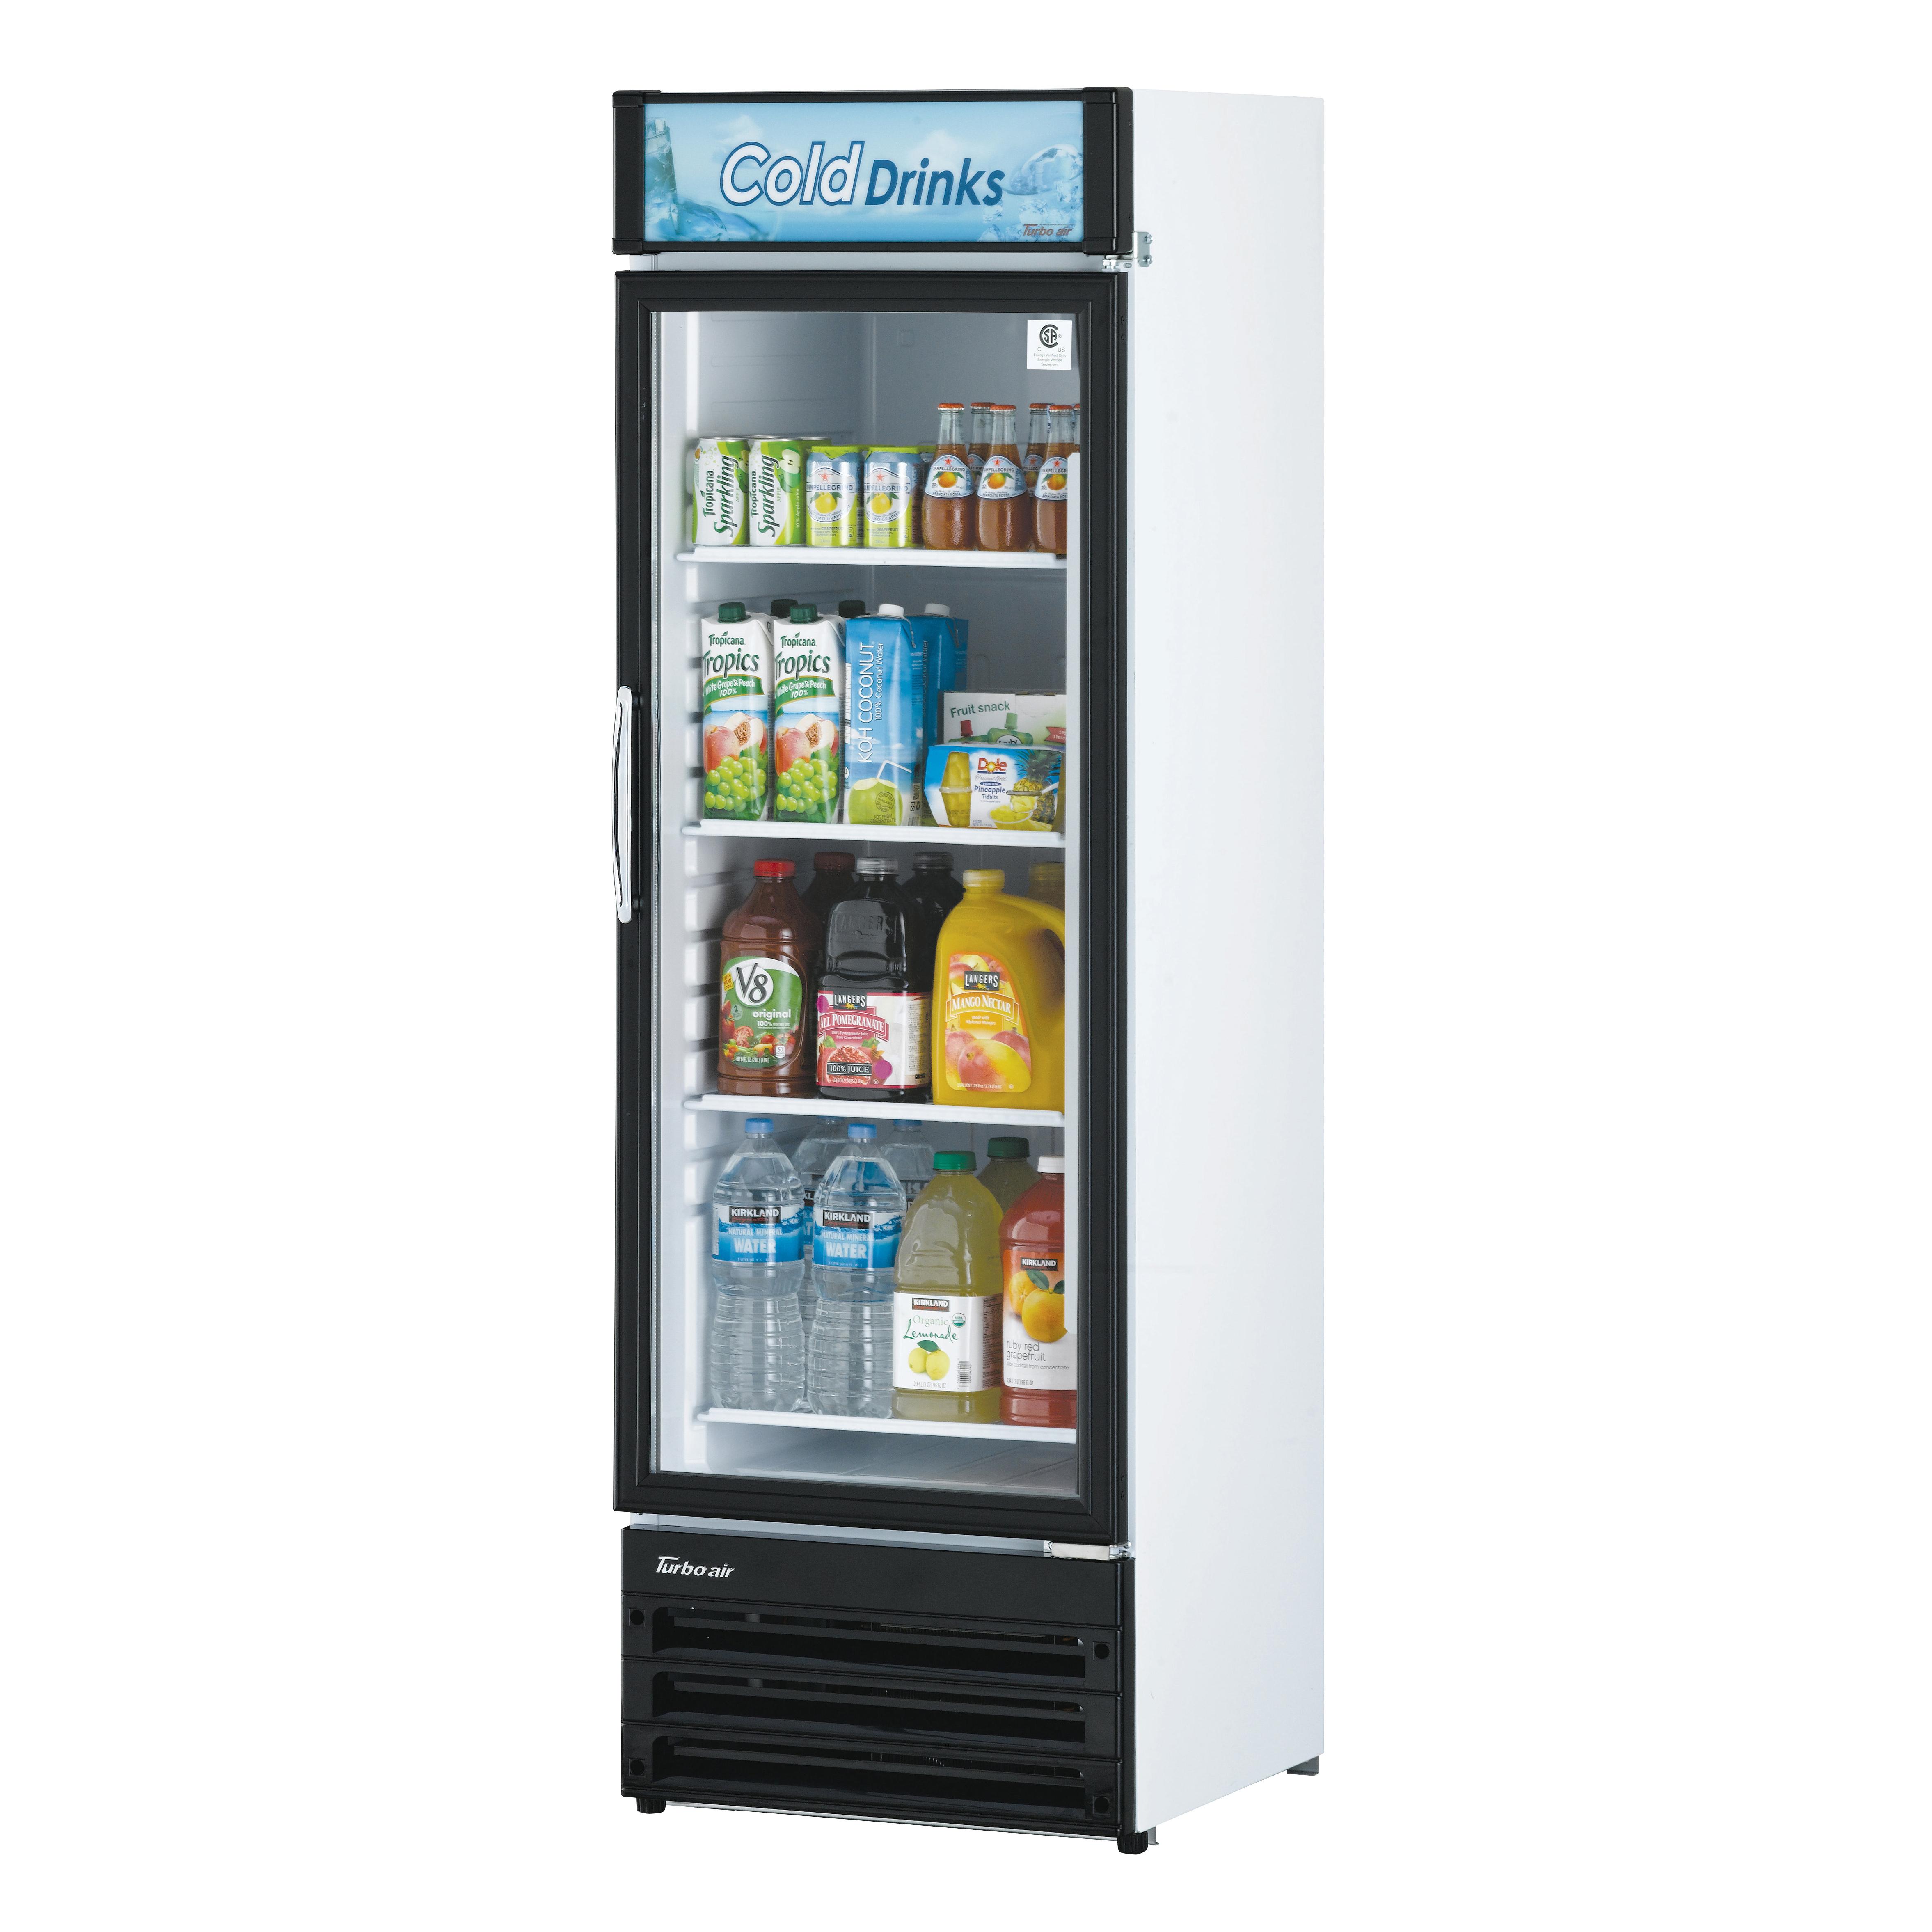 Turbo Air TGM-14RV-N6 refrigerator, merchandiser